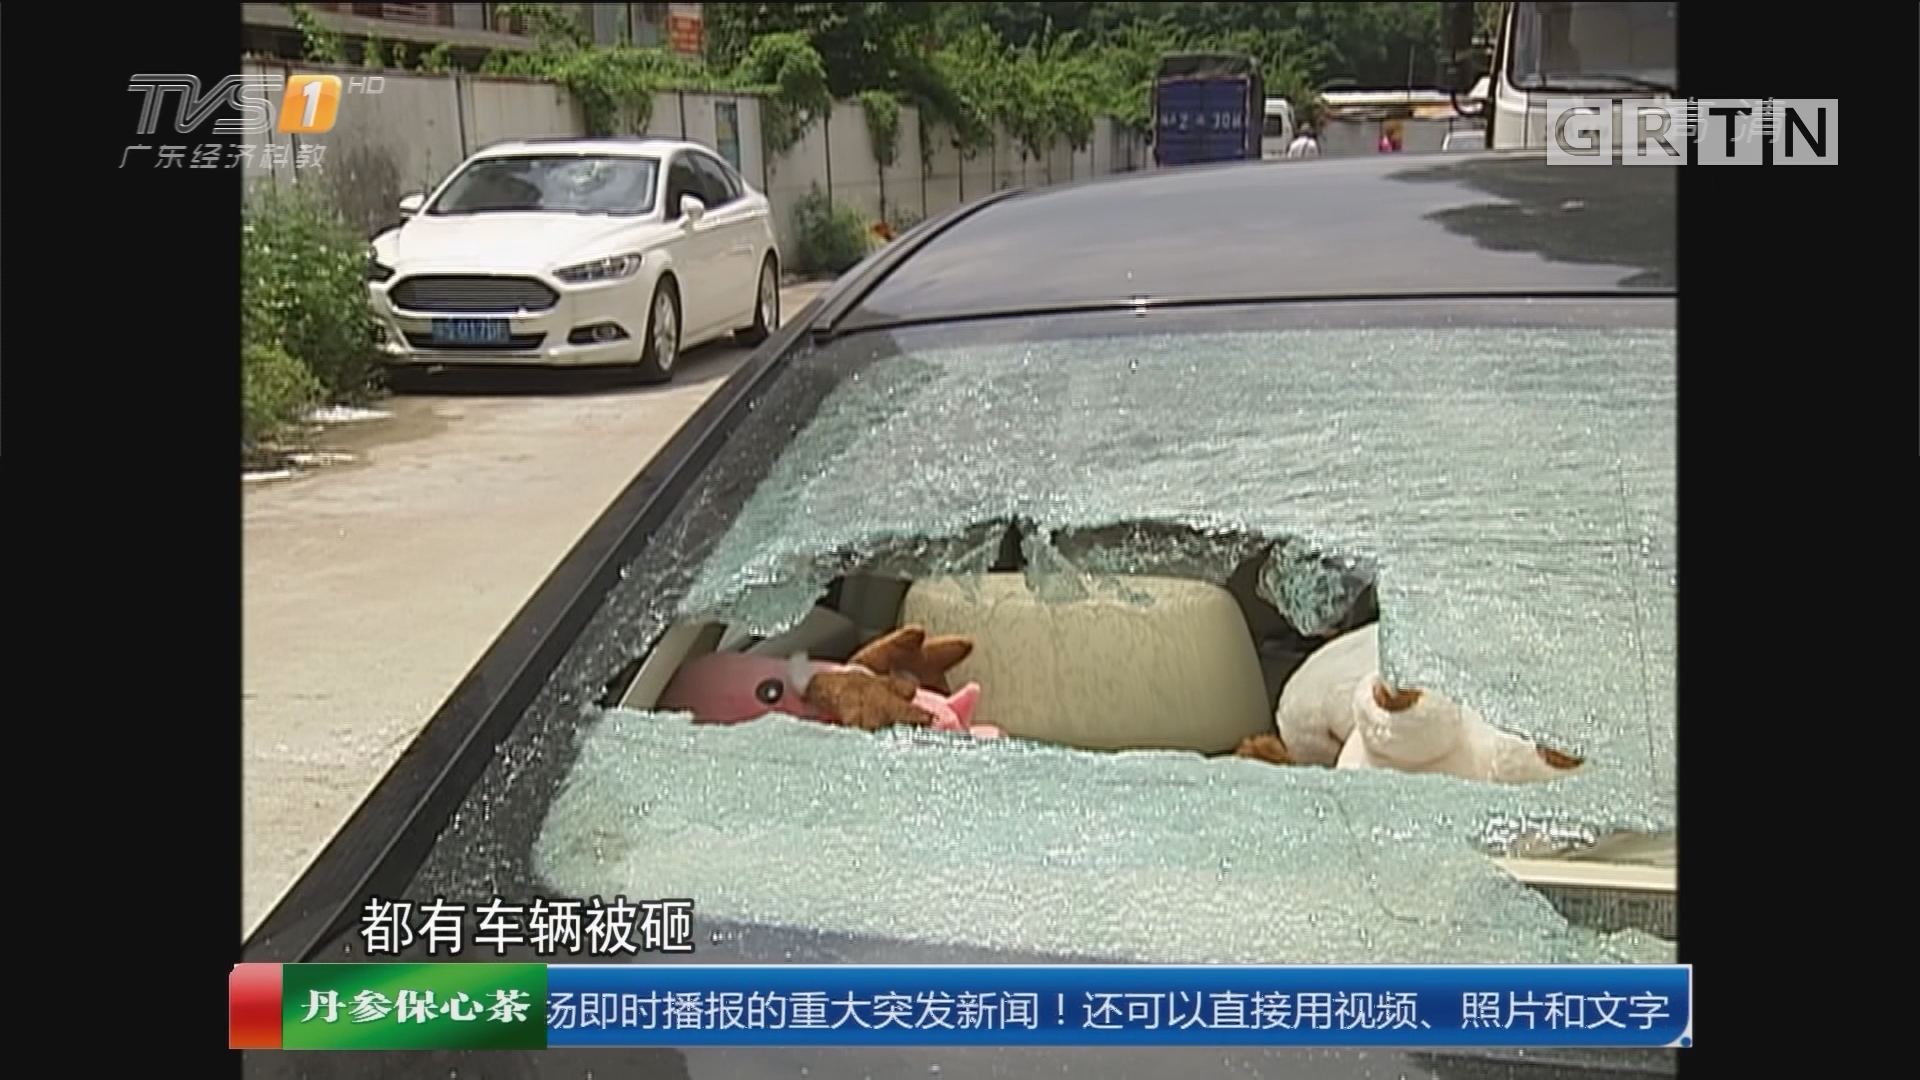 """广州荔湾区东漖新村:小区惊现""""砸车狂魔""""数十小车遭殃"""